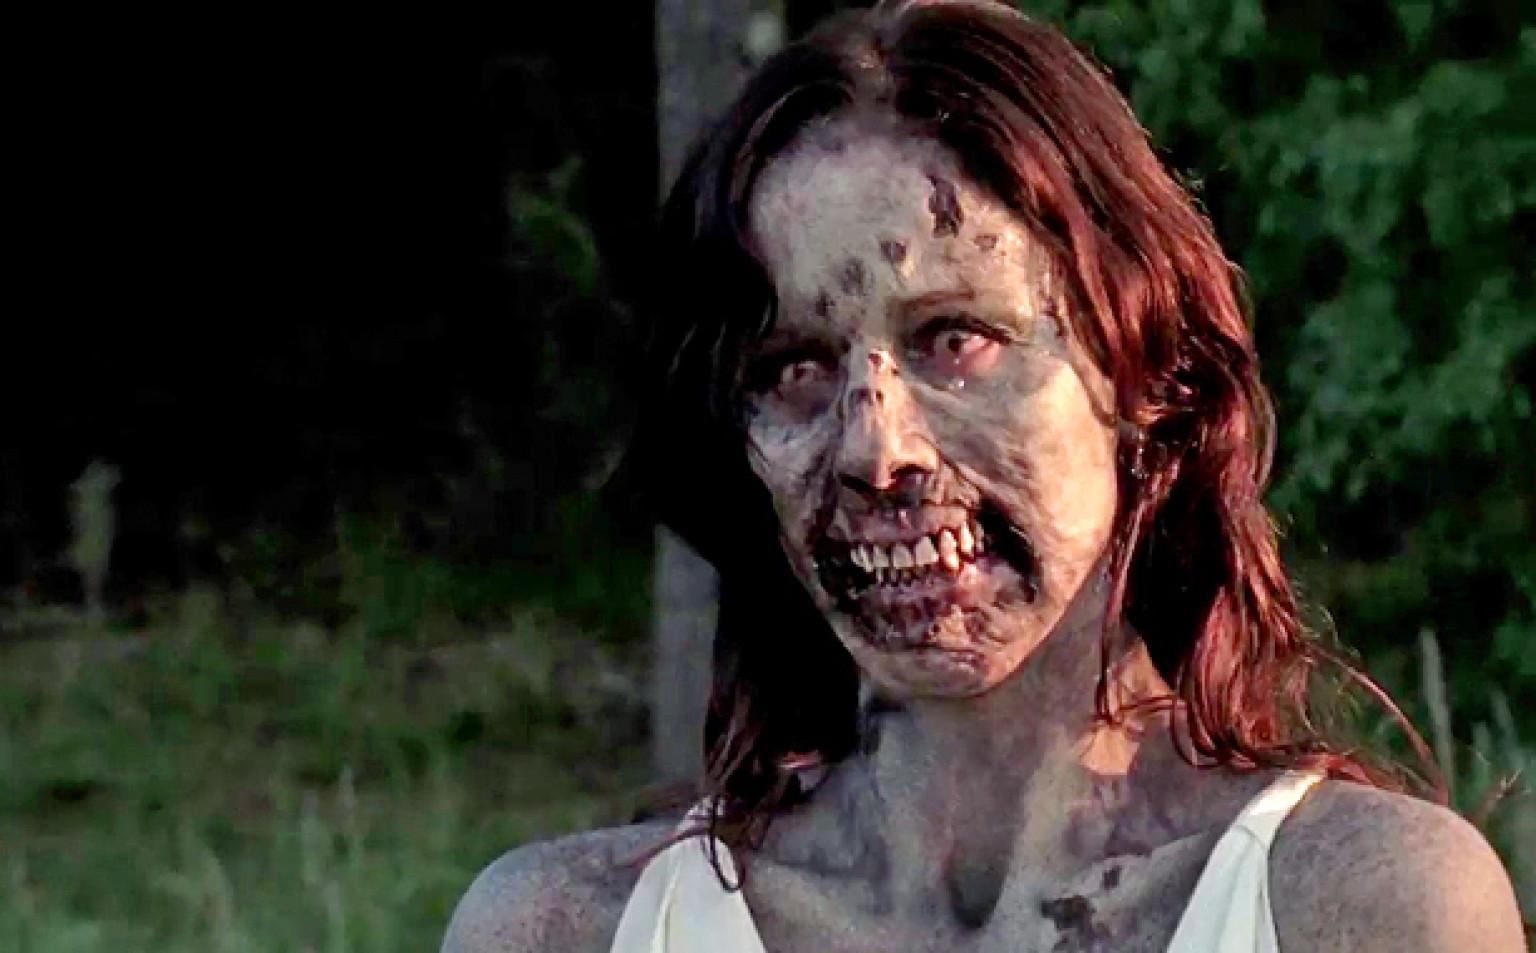 Lori zombie the walking dead facebook